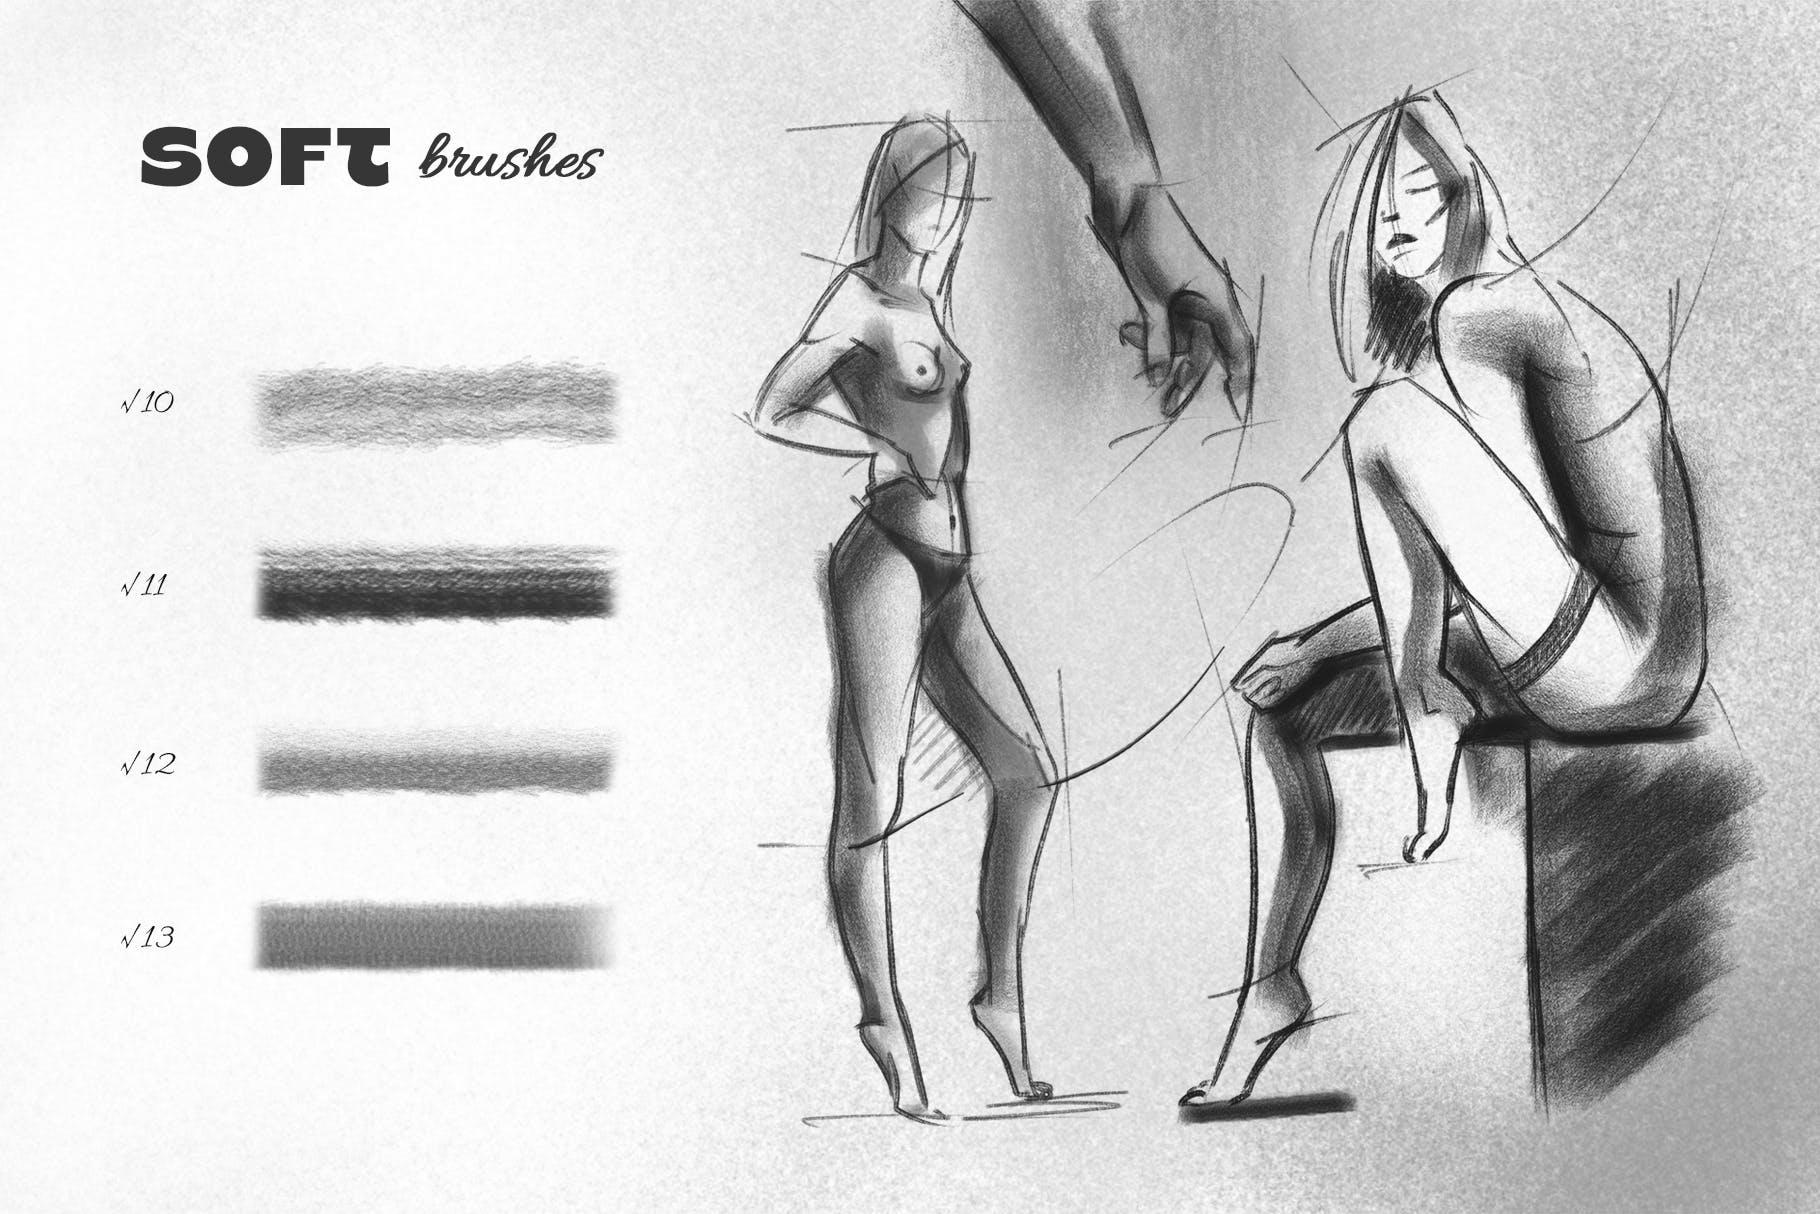 25款专业铅笔素描草图绘画PS笔刷素材套装 Pencil Photoshop Brushes插图(4)